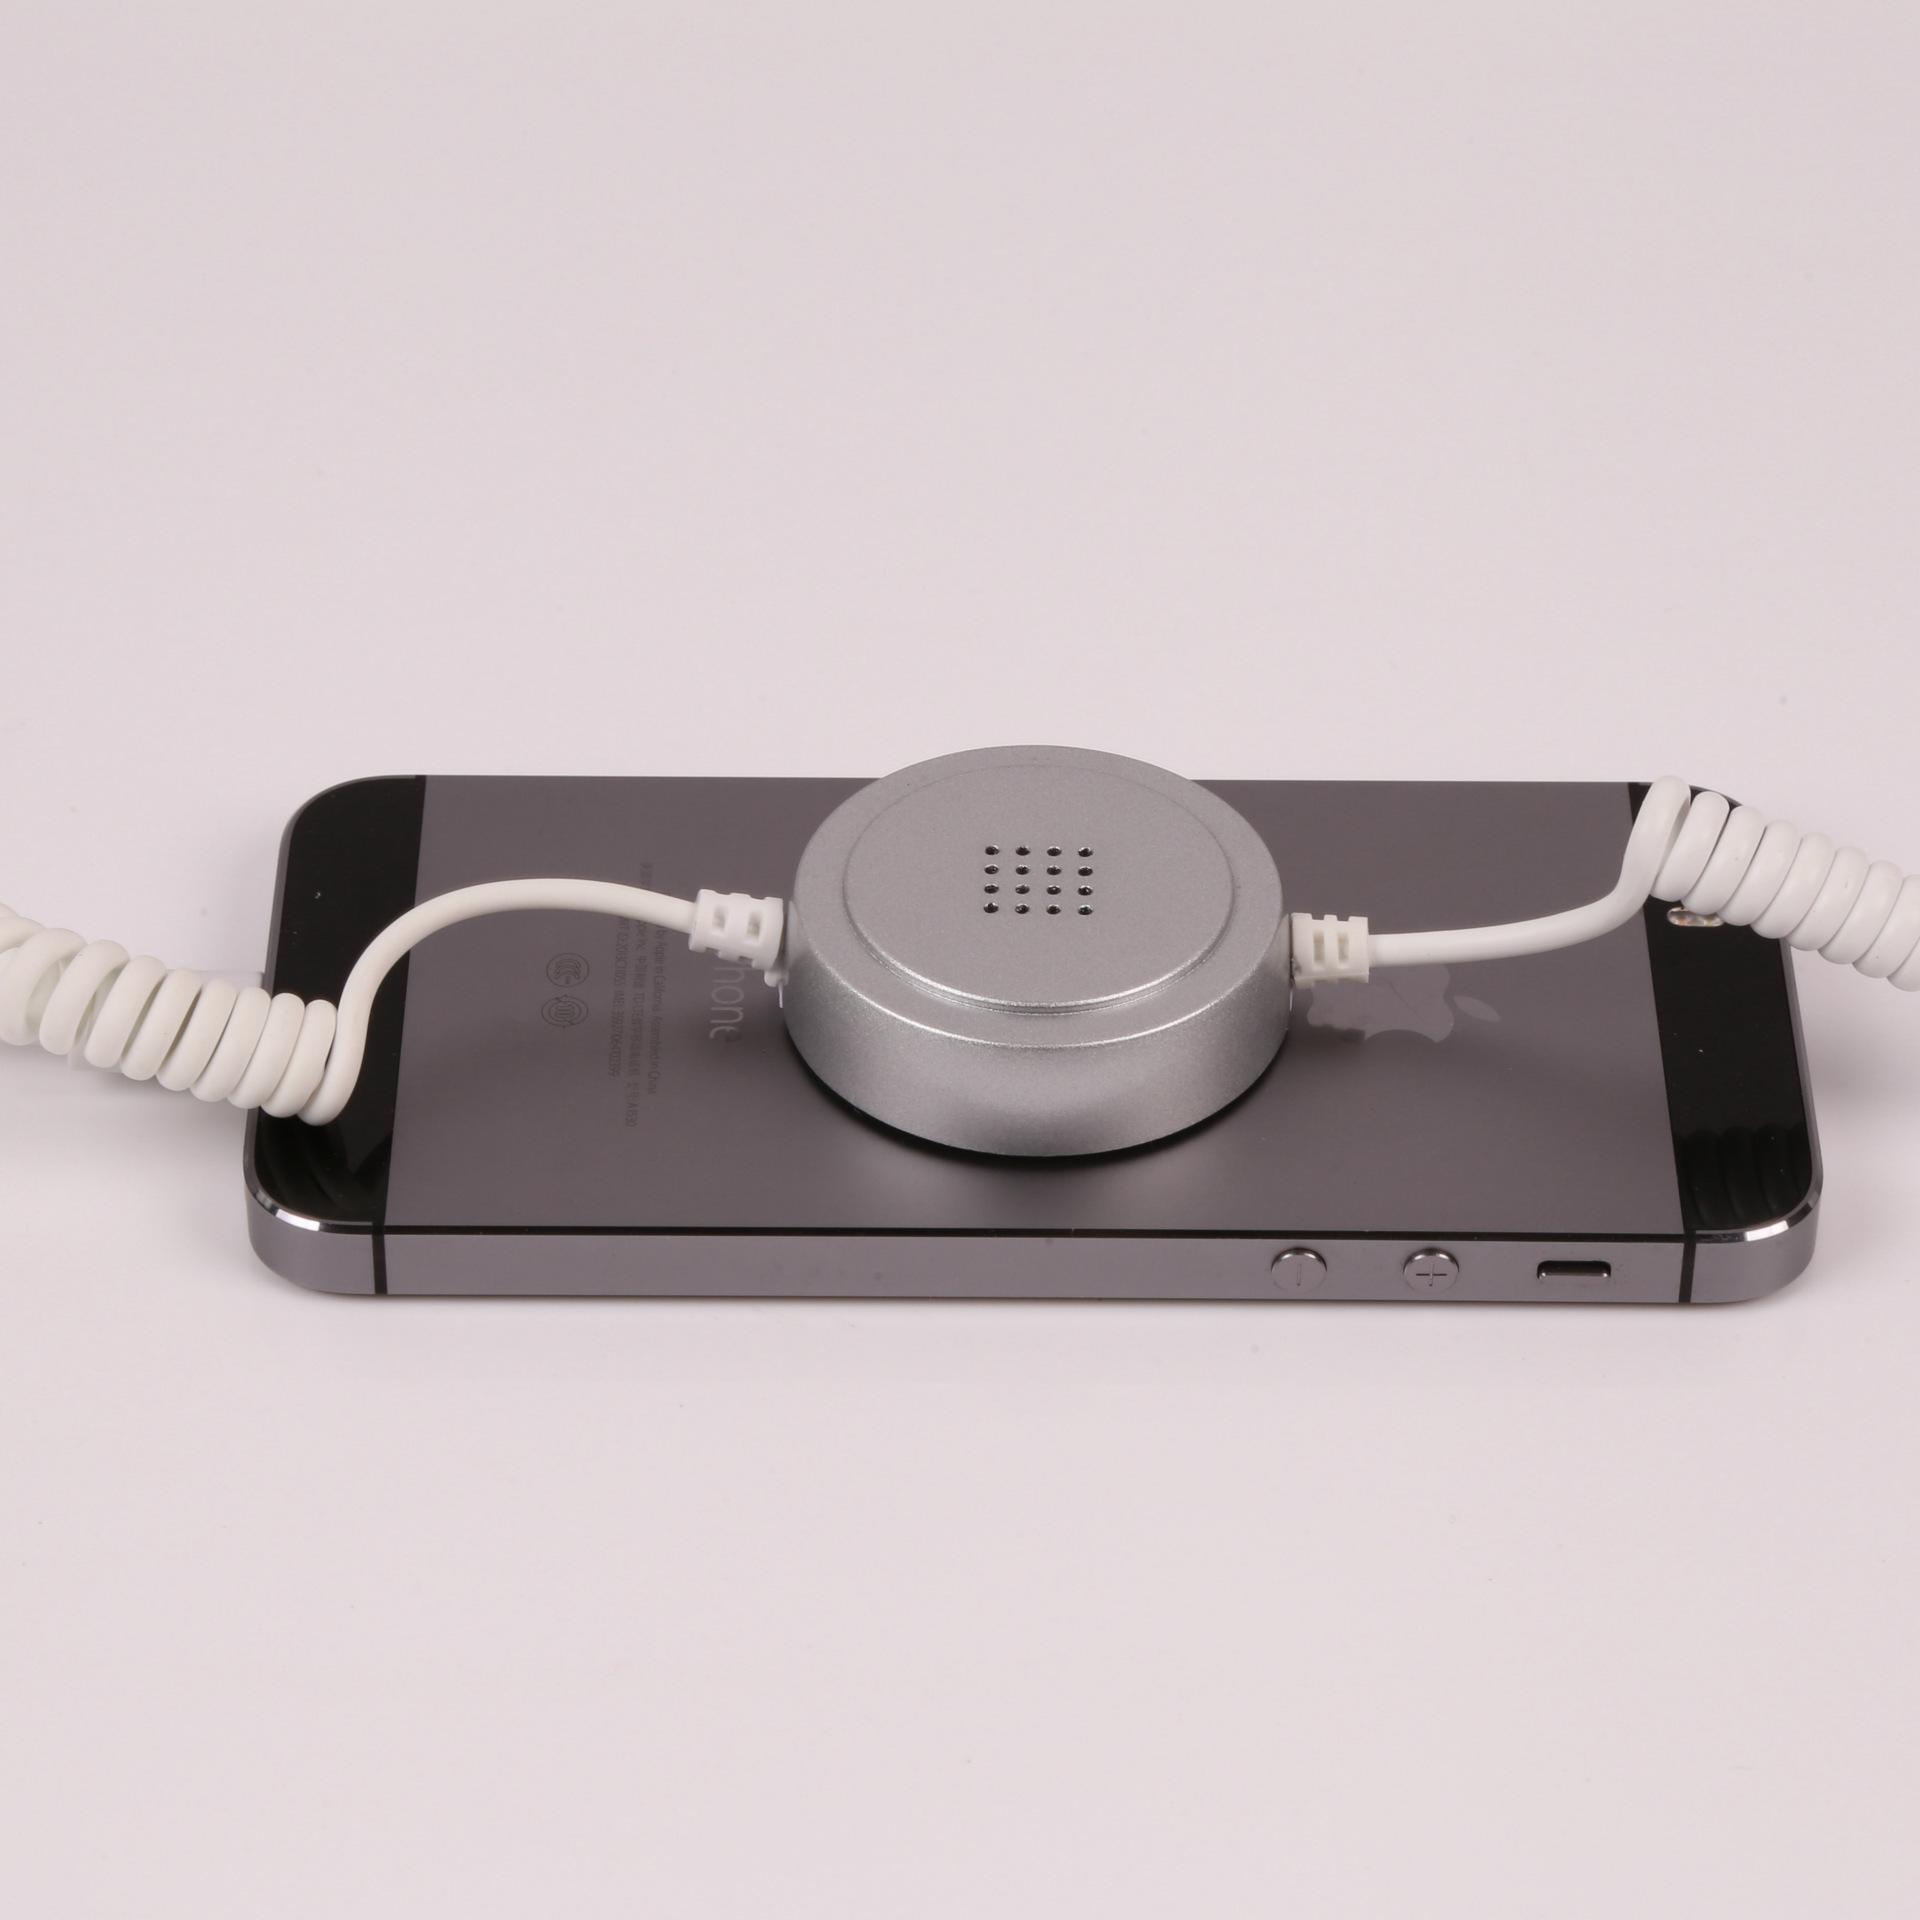 -通用手机防盗器